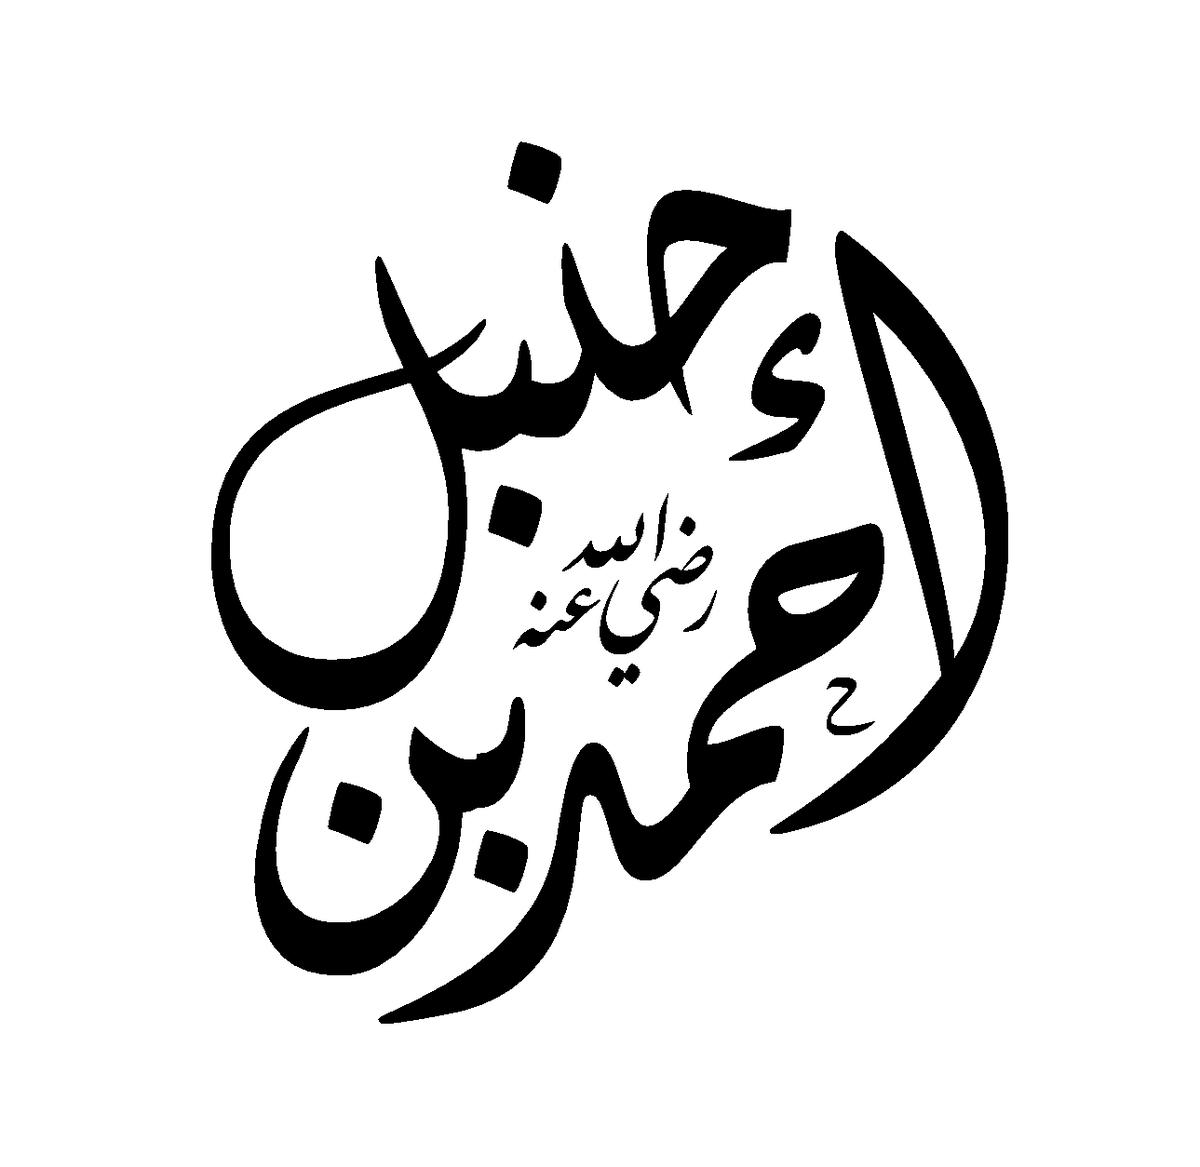 Musnad al imam ahmad online dating 2